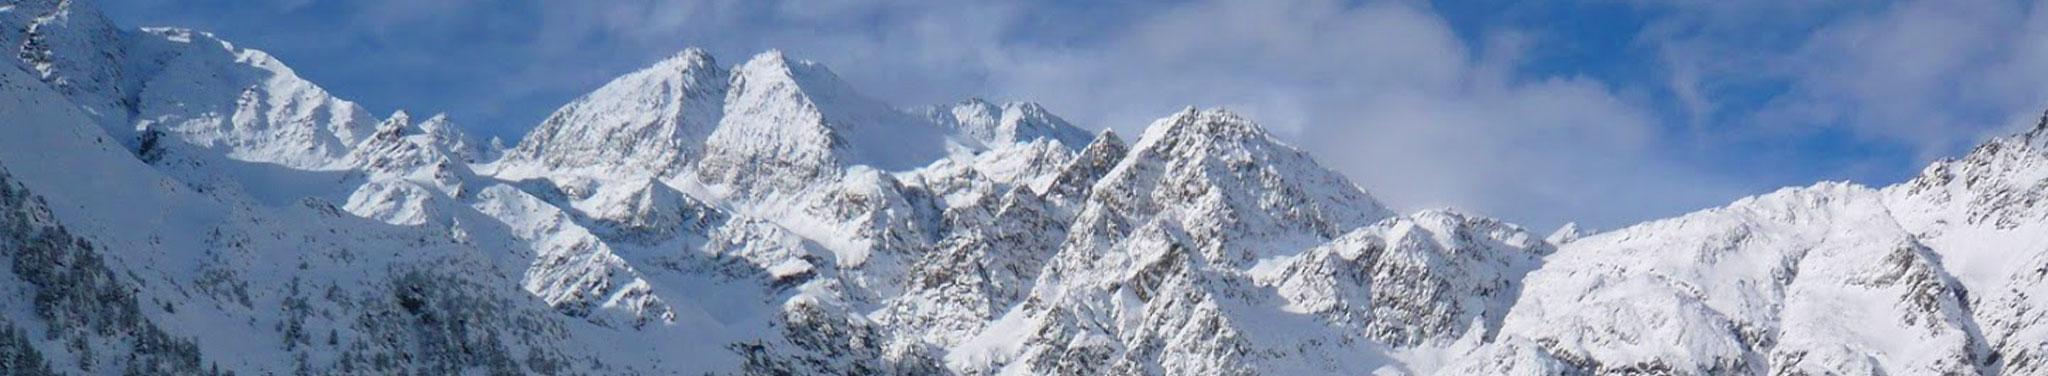 Berge mit Schnee und blauer Himmel mit Wolken im Hintergrund